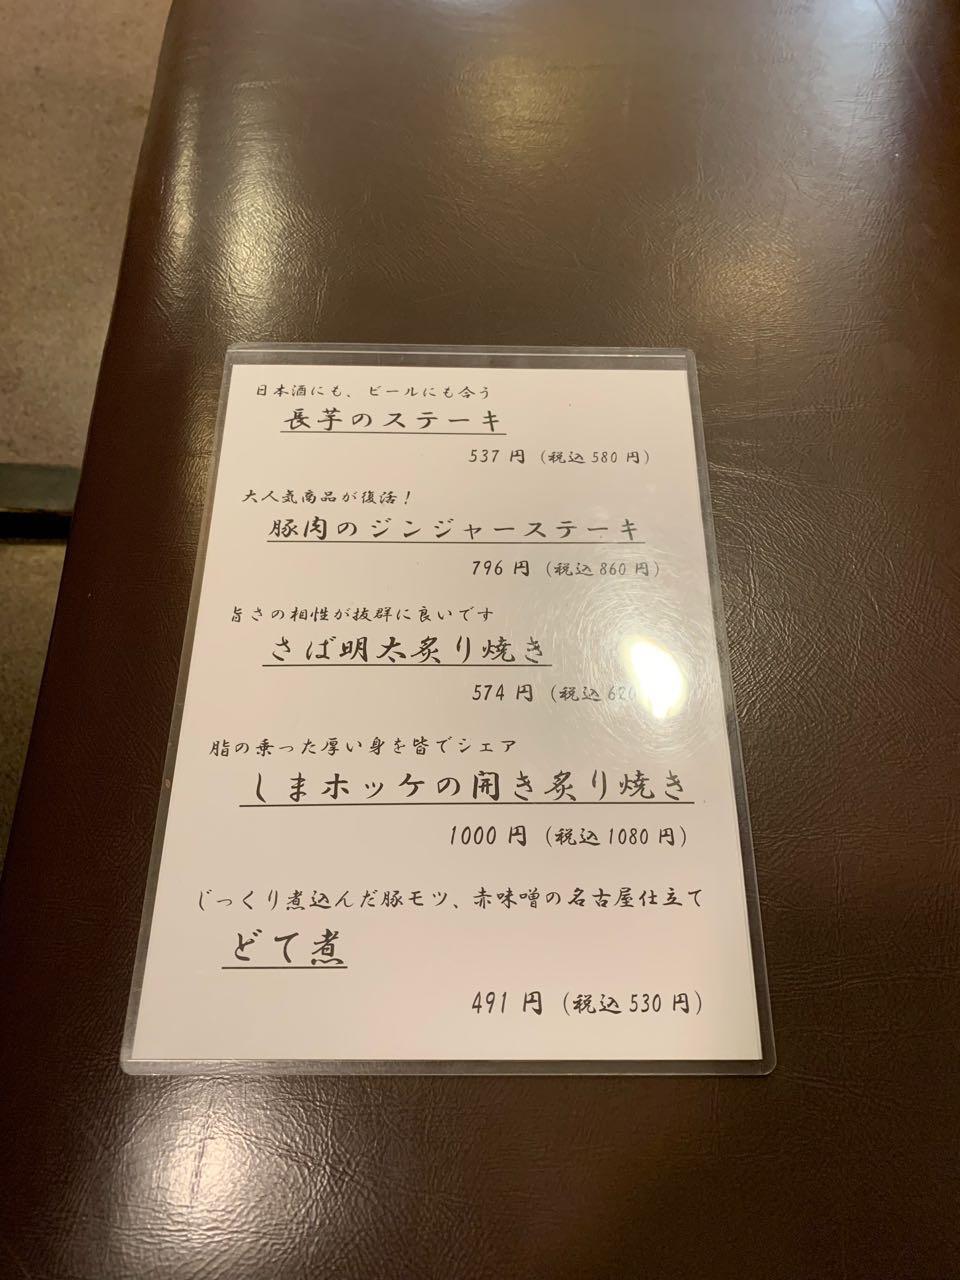 恵那 駅前 和洋亭 ますき おすすめ メニュー